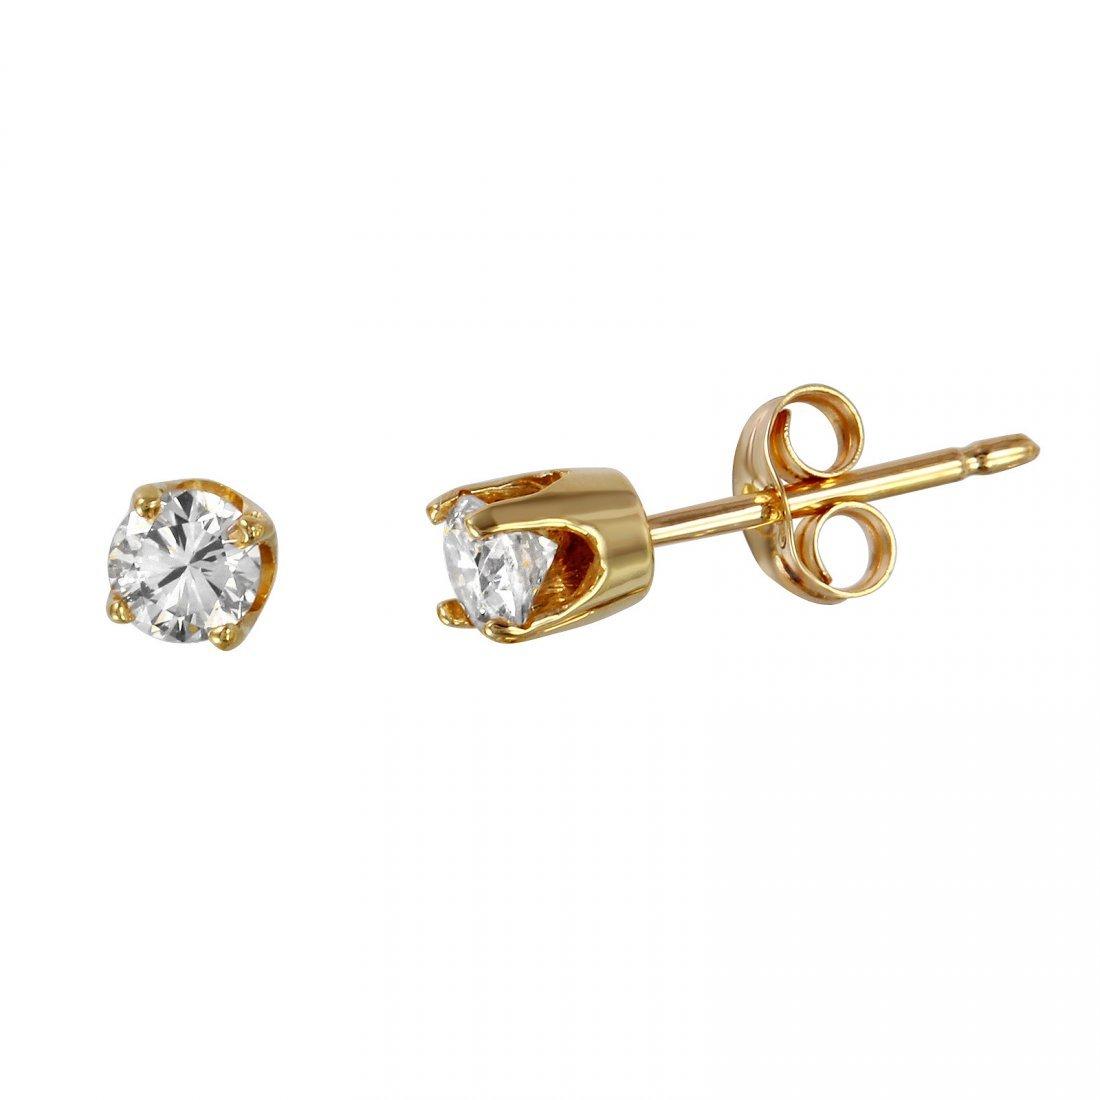 14KT Yellow Gold Stud Earrings - #923